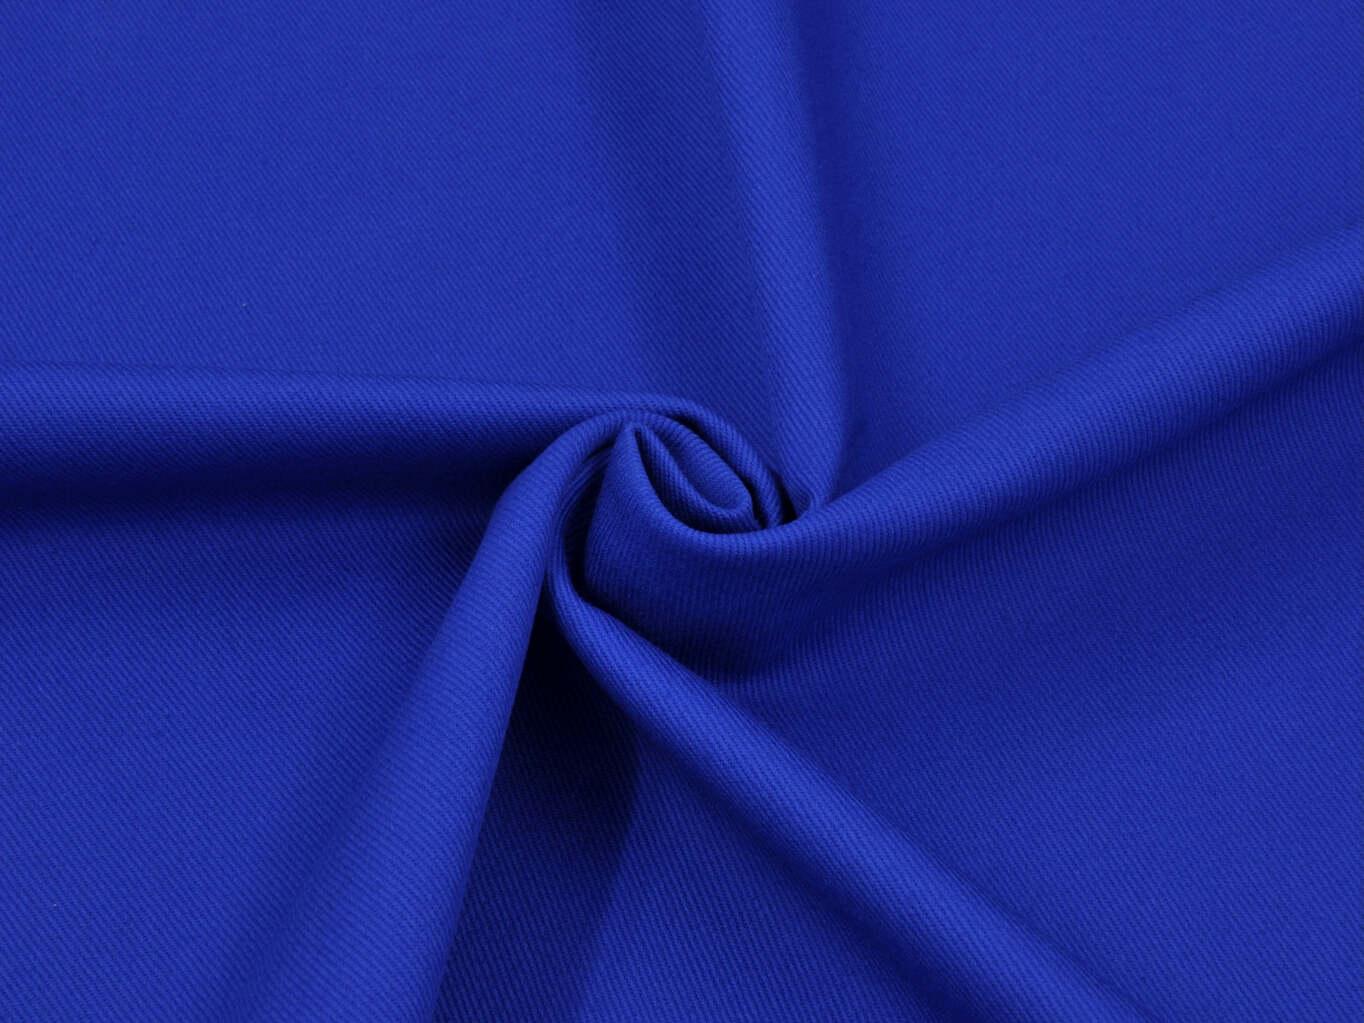 Mirtex NORD 290/05 středně modrá ROYAL / VELKOOBCHOD Ceník: VELKOOBCHOD: po celých rolích, bez odvíj